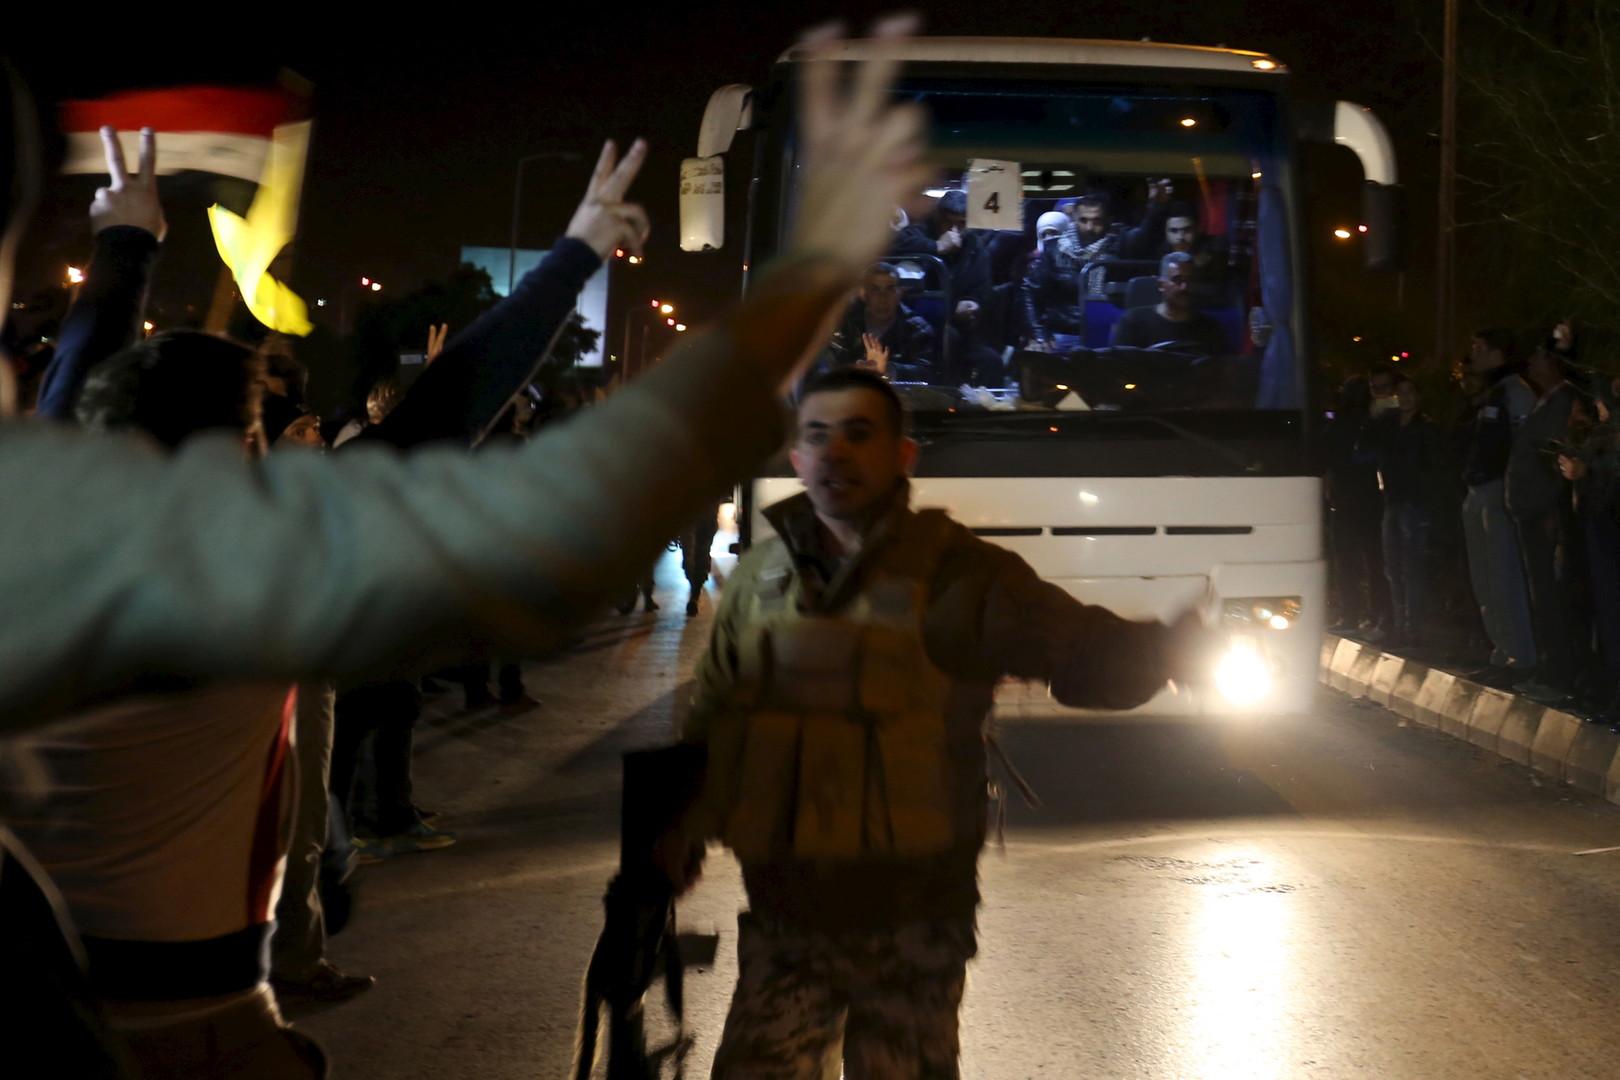 Die syrische Bevölkerung begrüßt Busse, die die Menschen aus den von aufständischen Milizen belagerten Städten Al-Foua und Kefraya bringen, Dezember 2015.